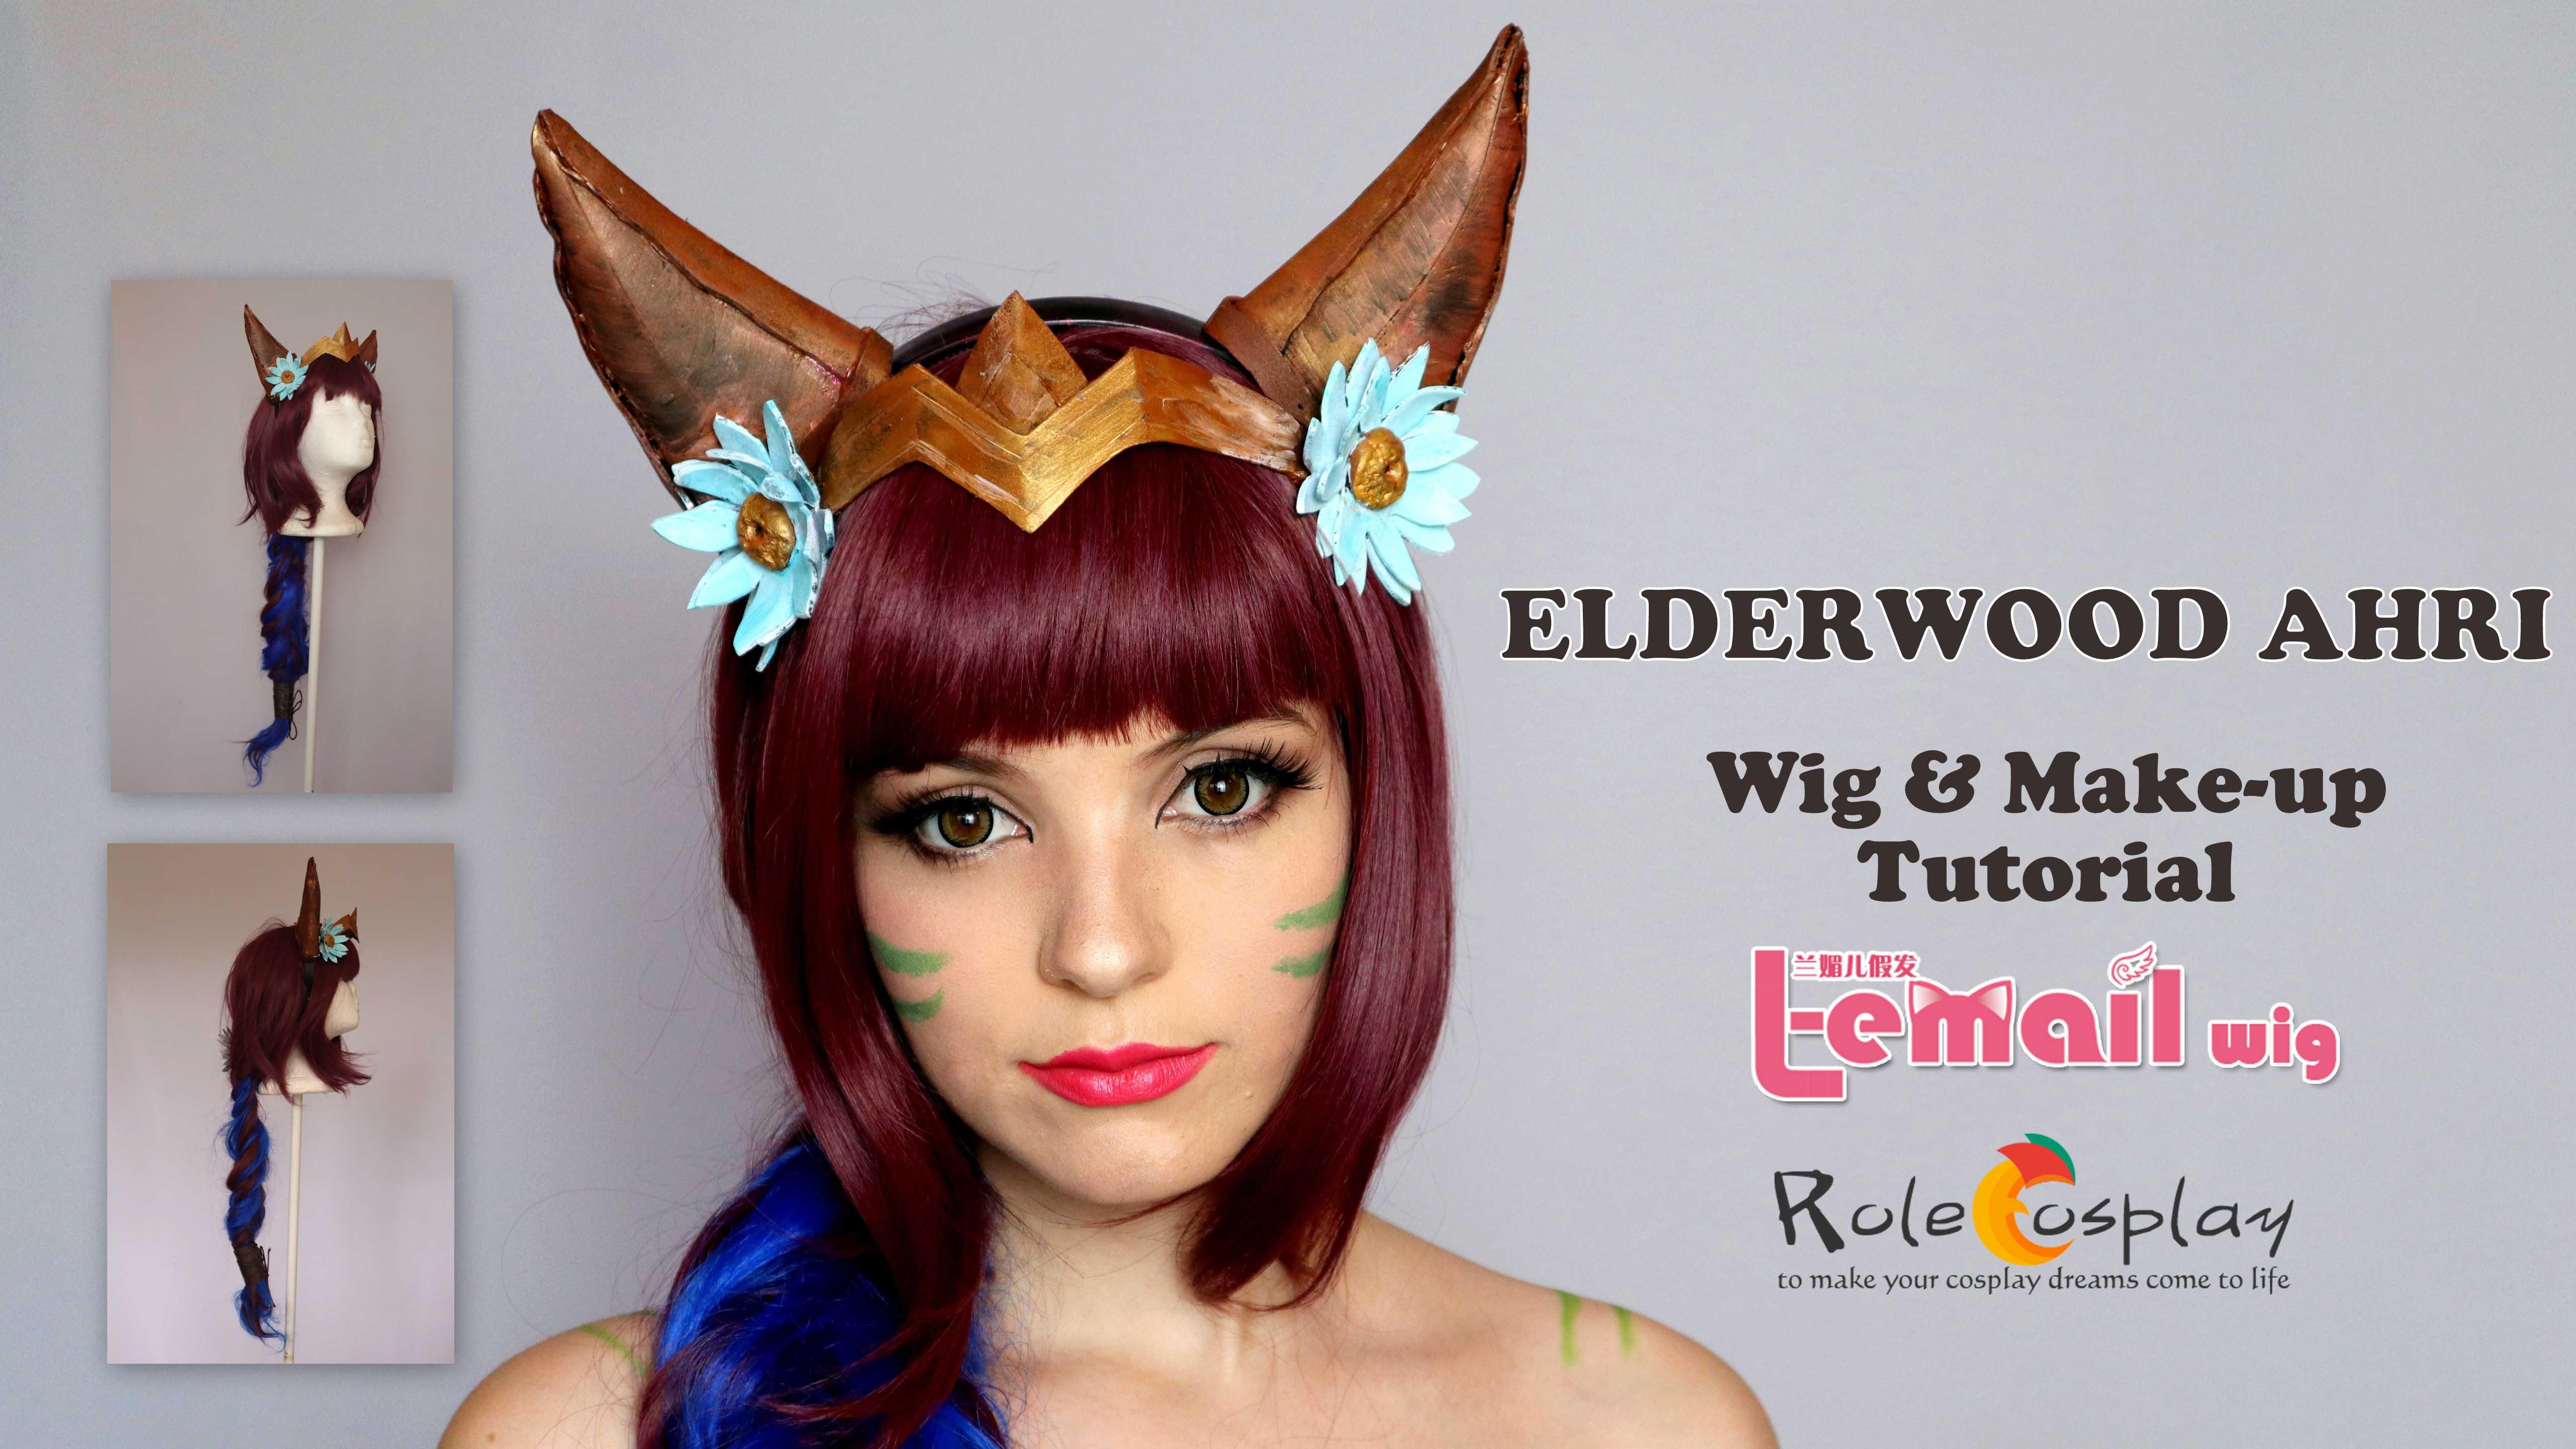 Elderwood Ahri Wig & Make-up tutorial